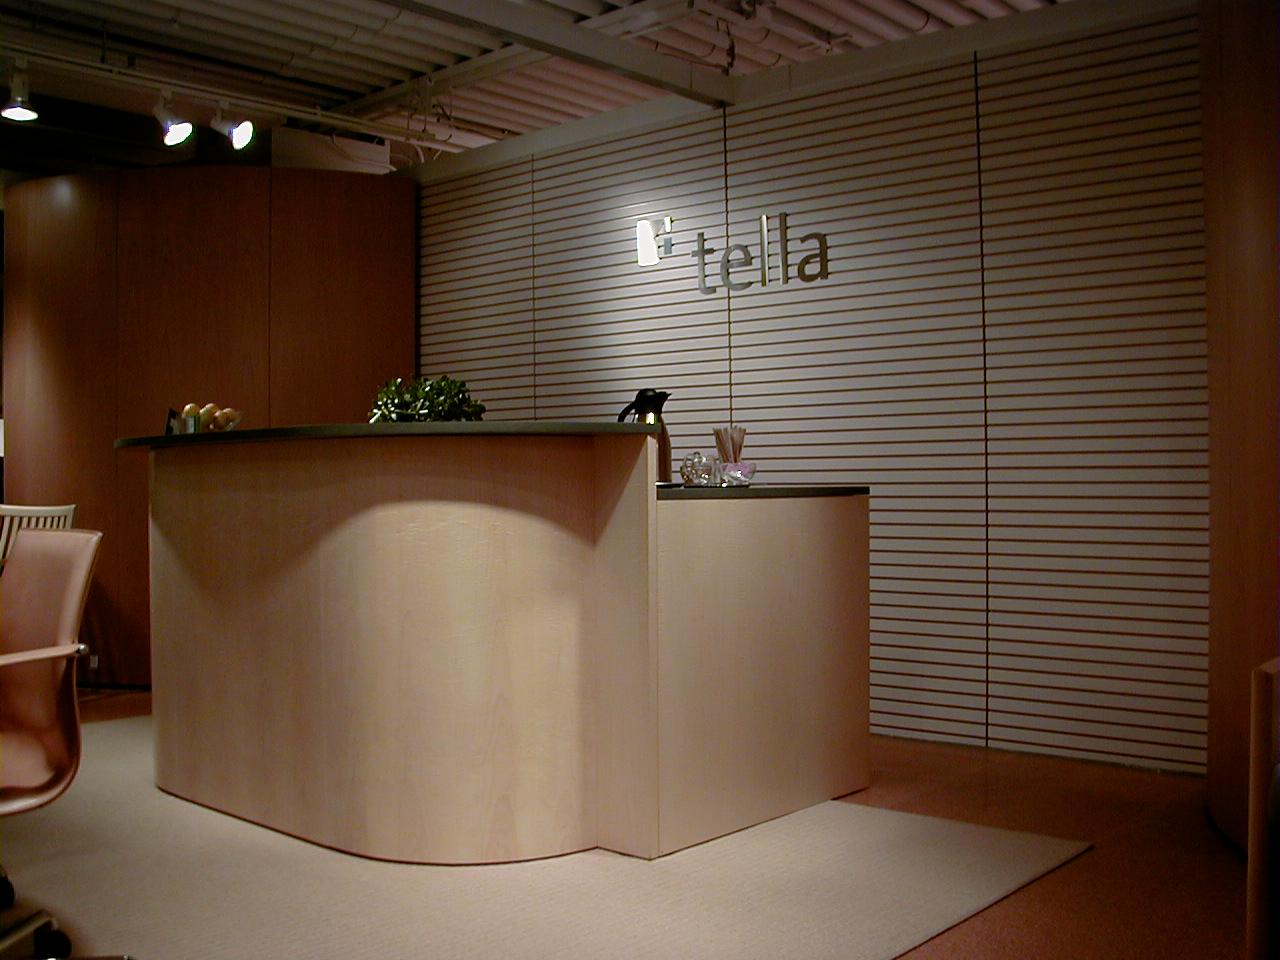 tella displays - 49.png